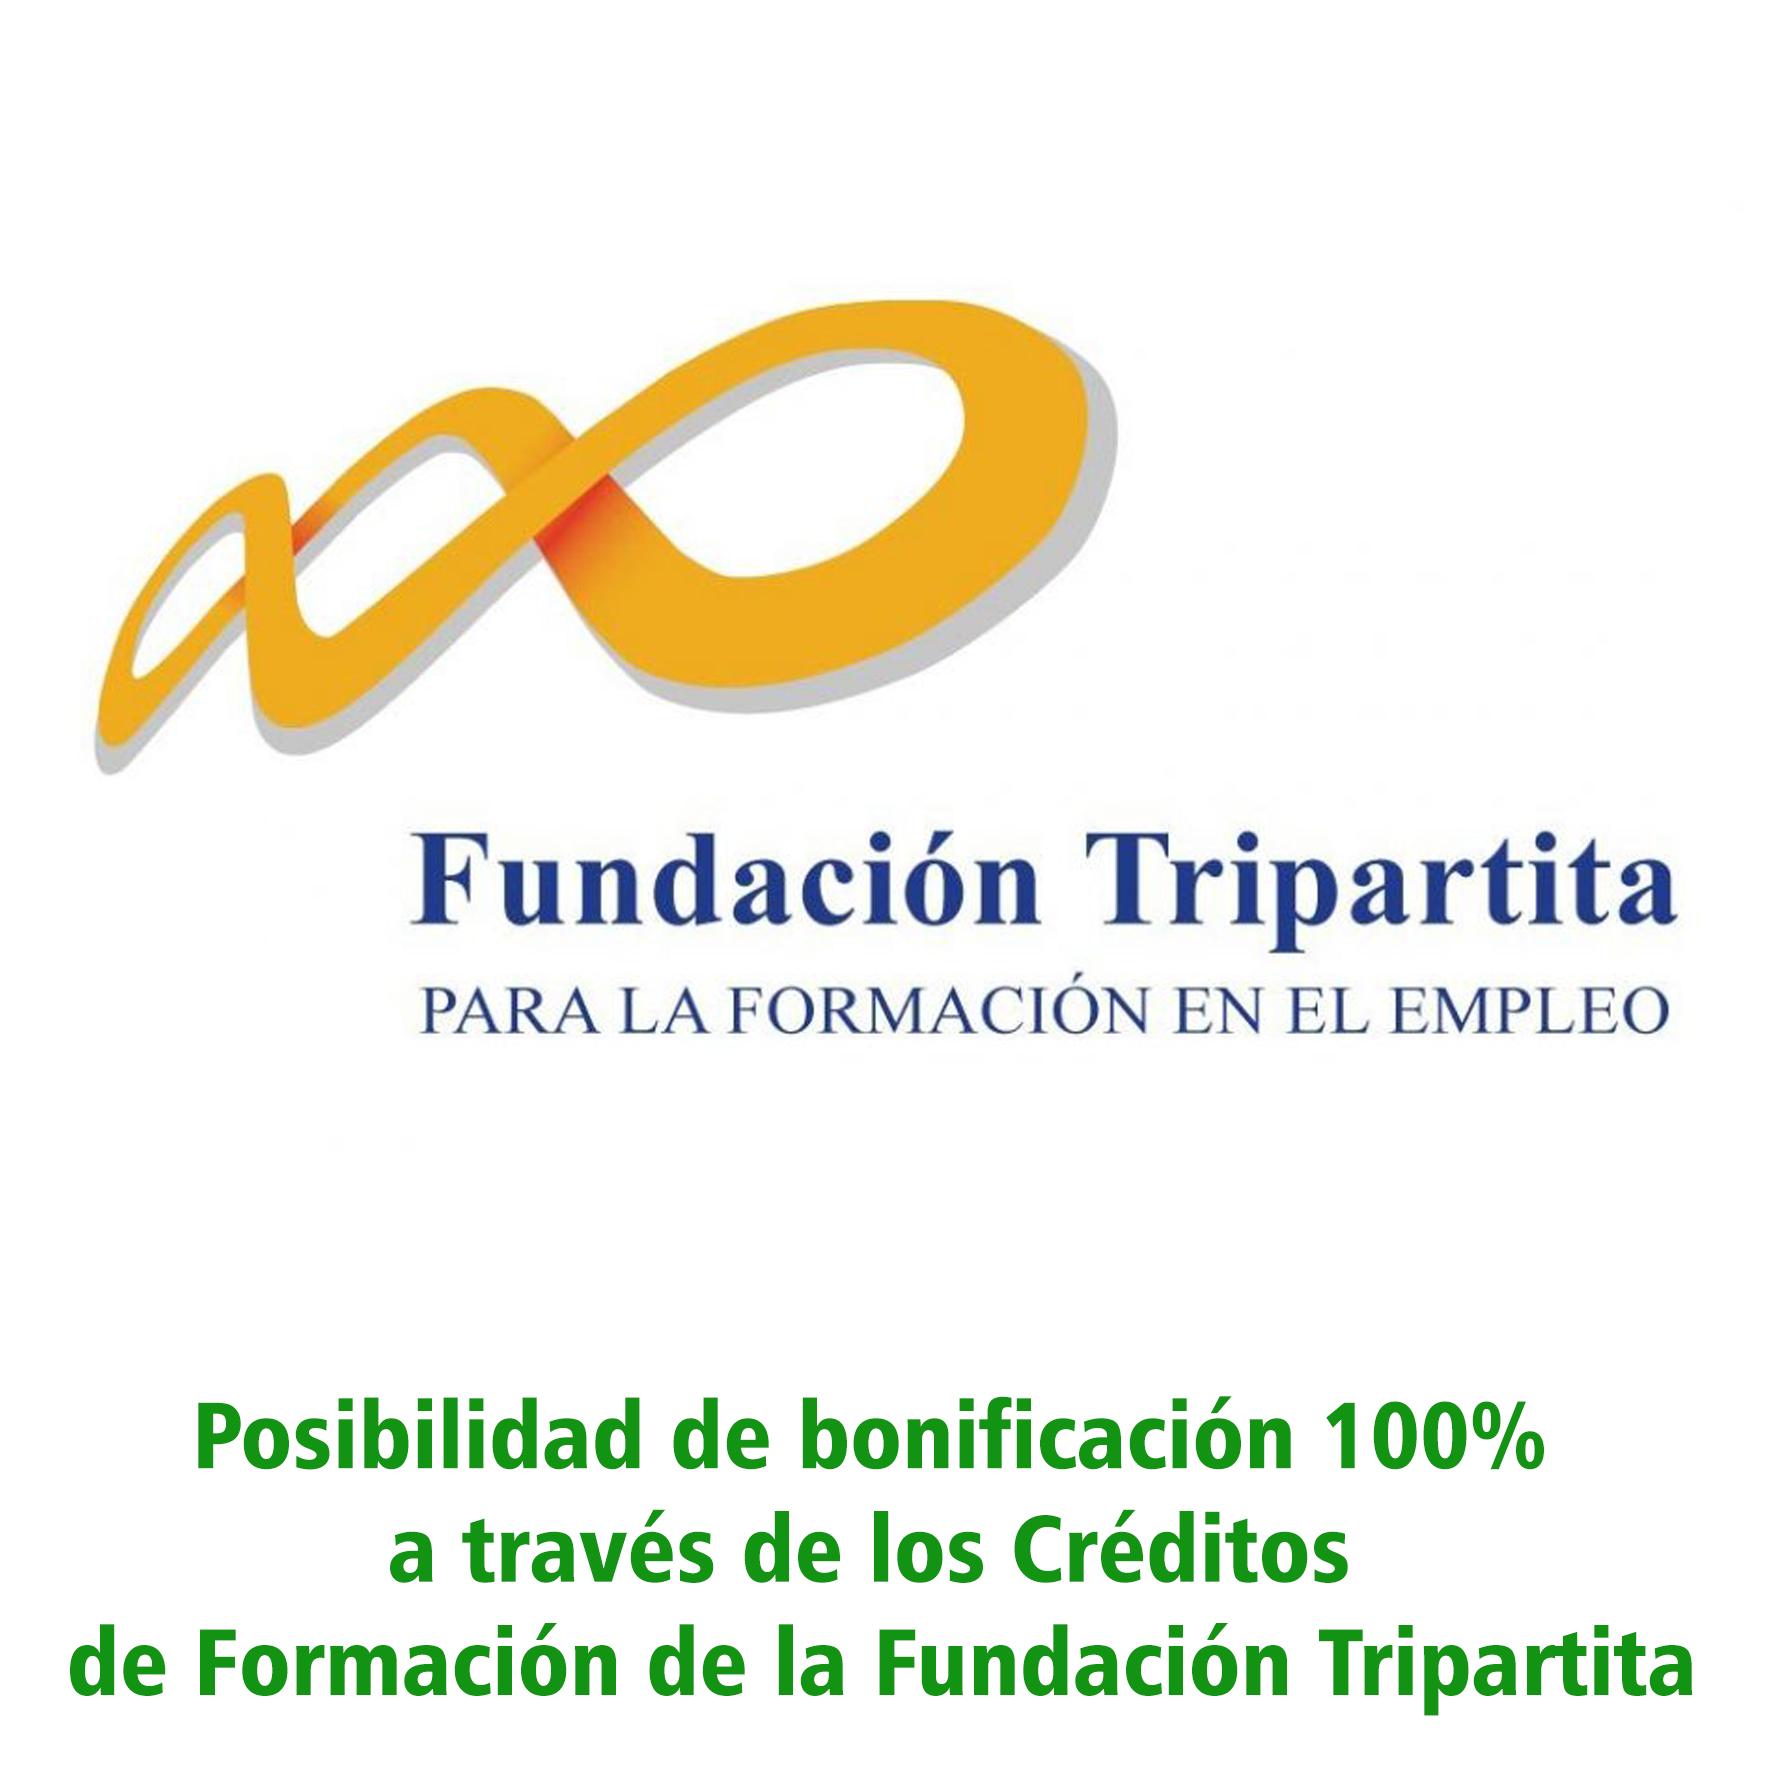 Cursos avalados por Fundación Tripartita